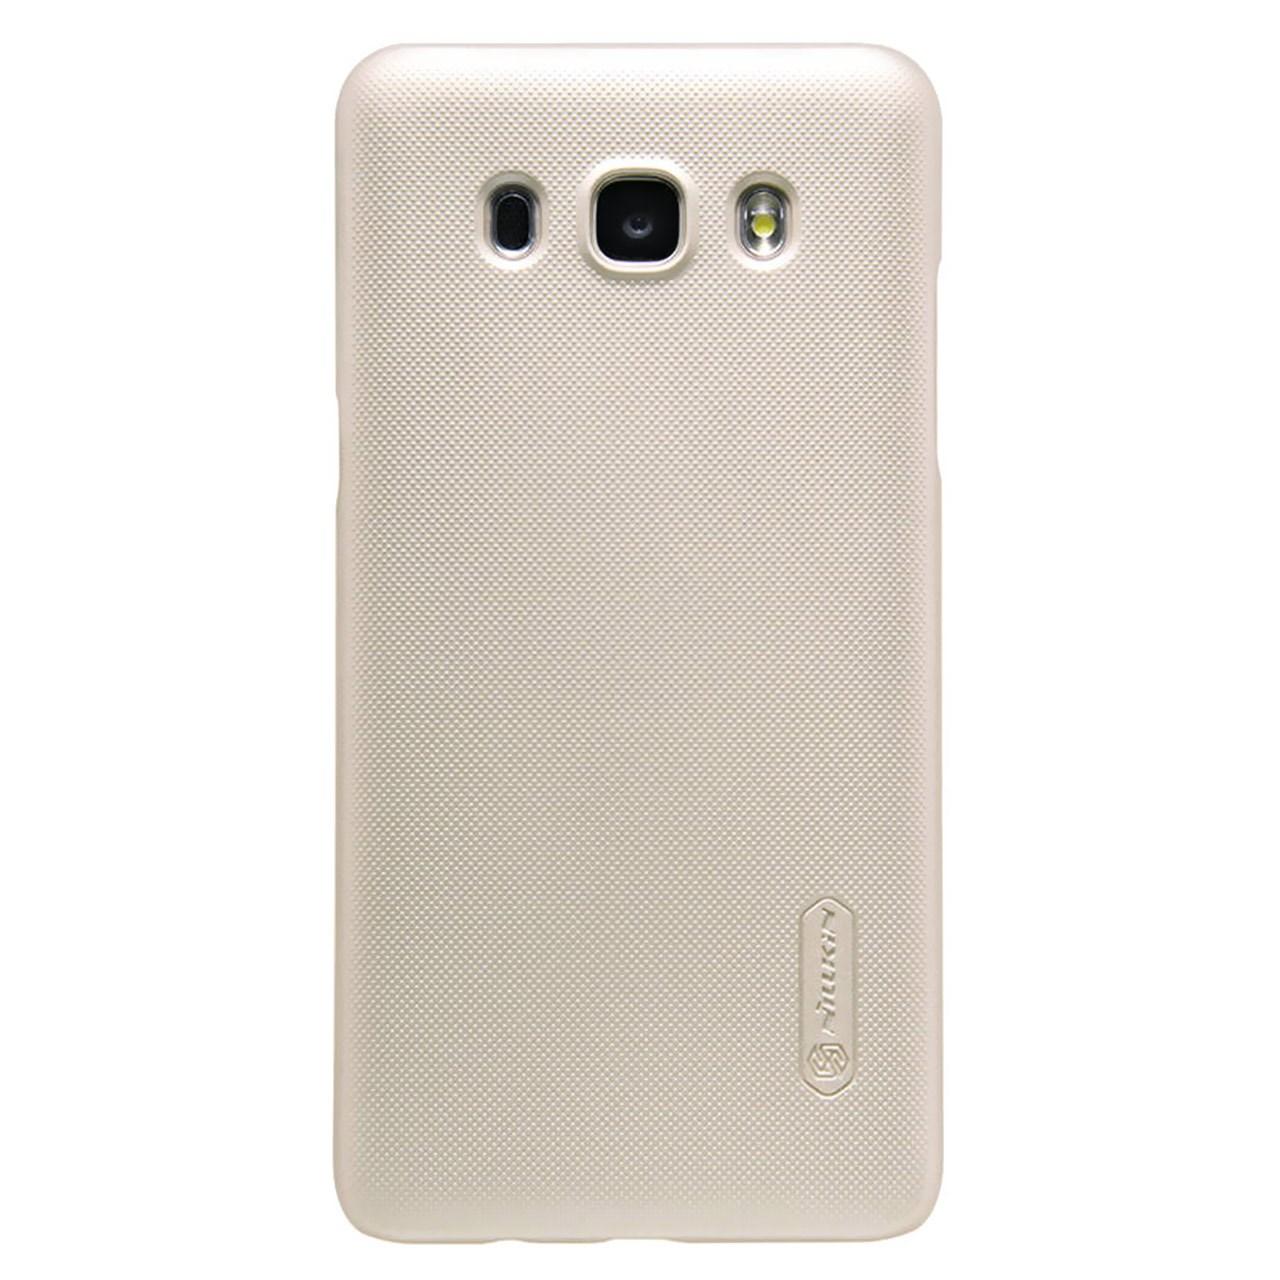 کاور نیلکین مدل Super Frosted Shield مناسب برای گوشی موبایل سامسونگ Galaxy J5 2016